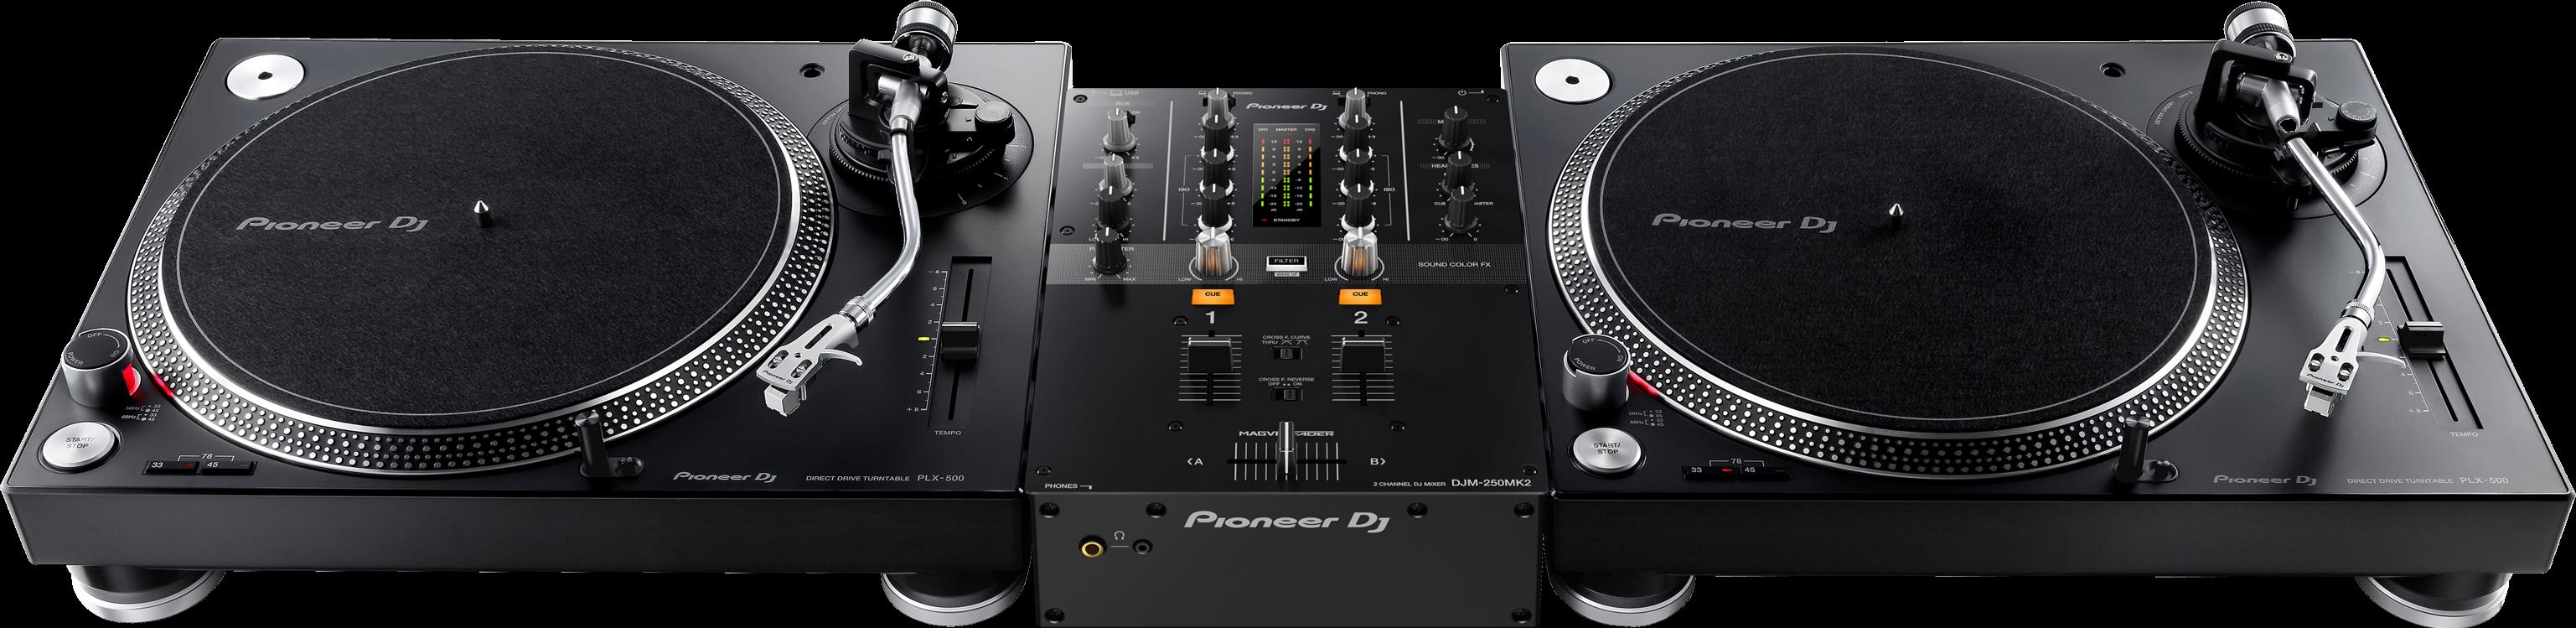 DJM-250MK2 - PLX-500